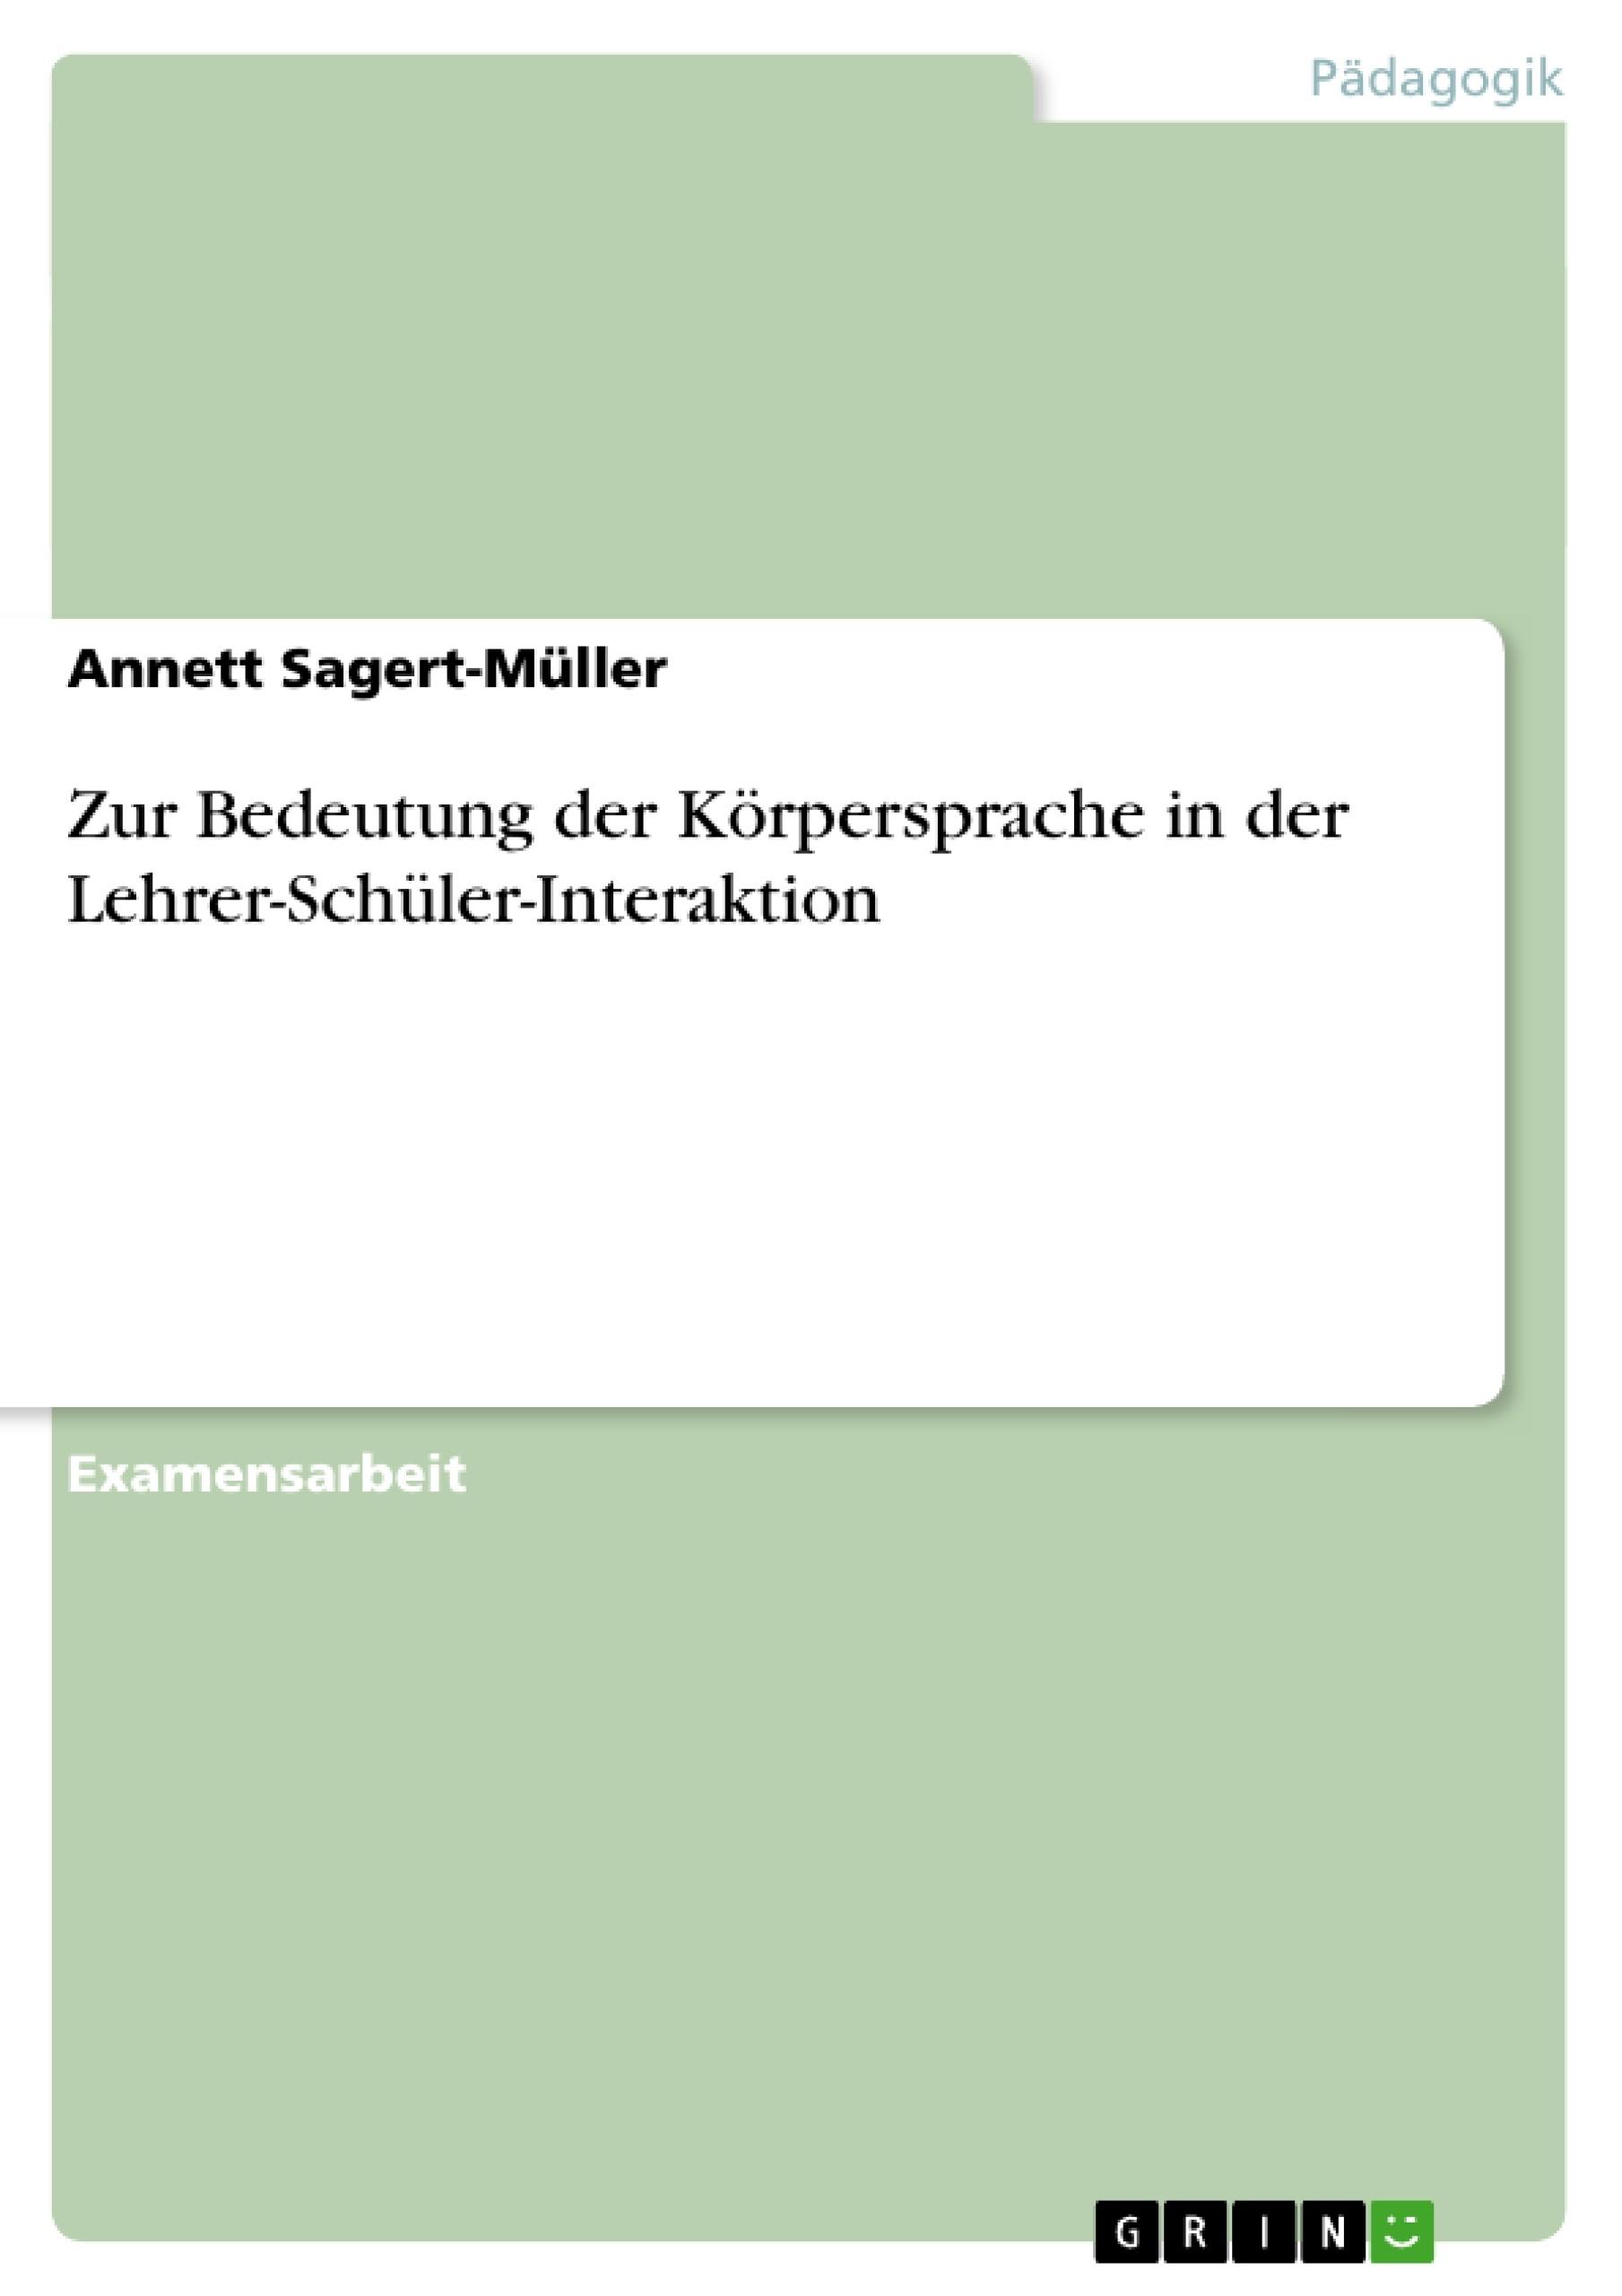 Titel: Zur Bedeutung der Körpersprache in der Lehrer-Schüler-Interaktion